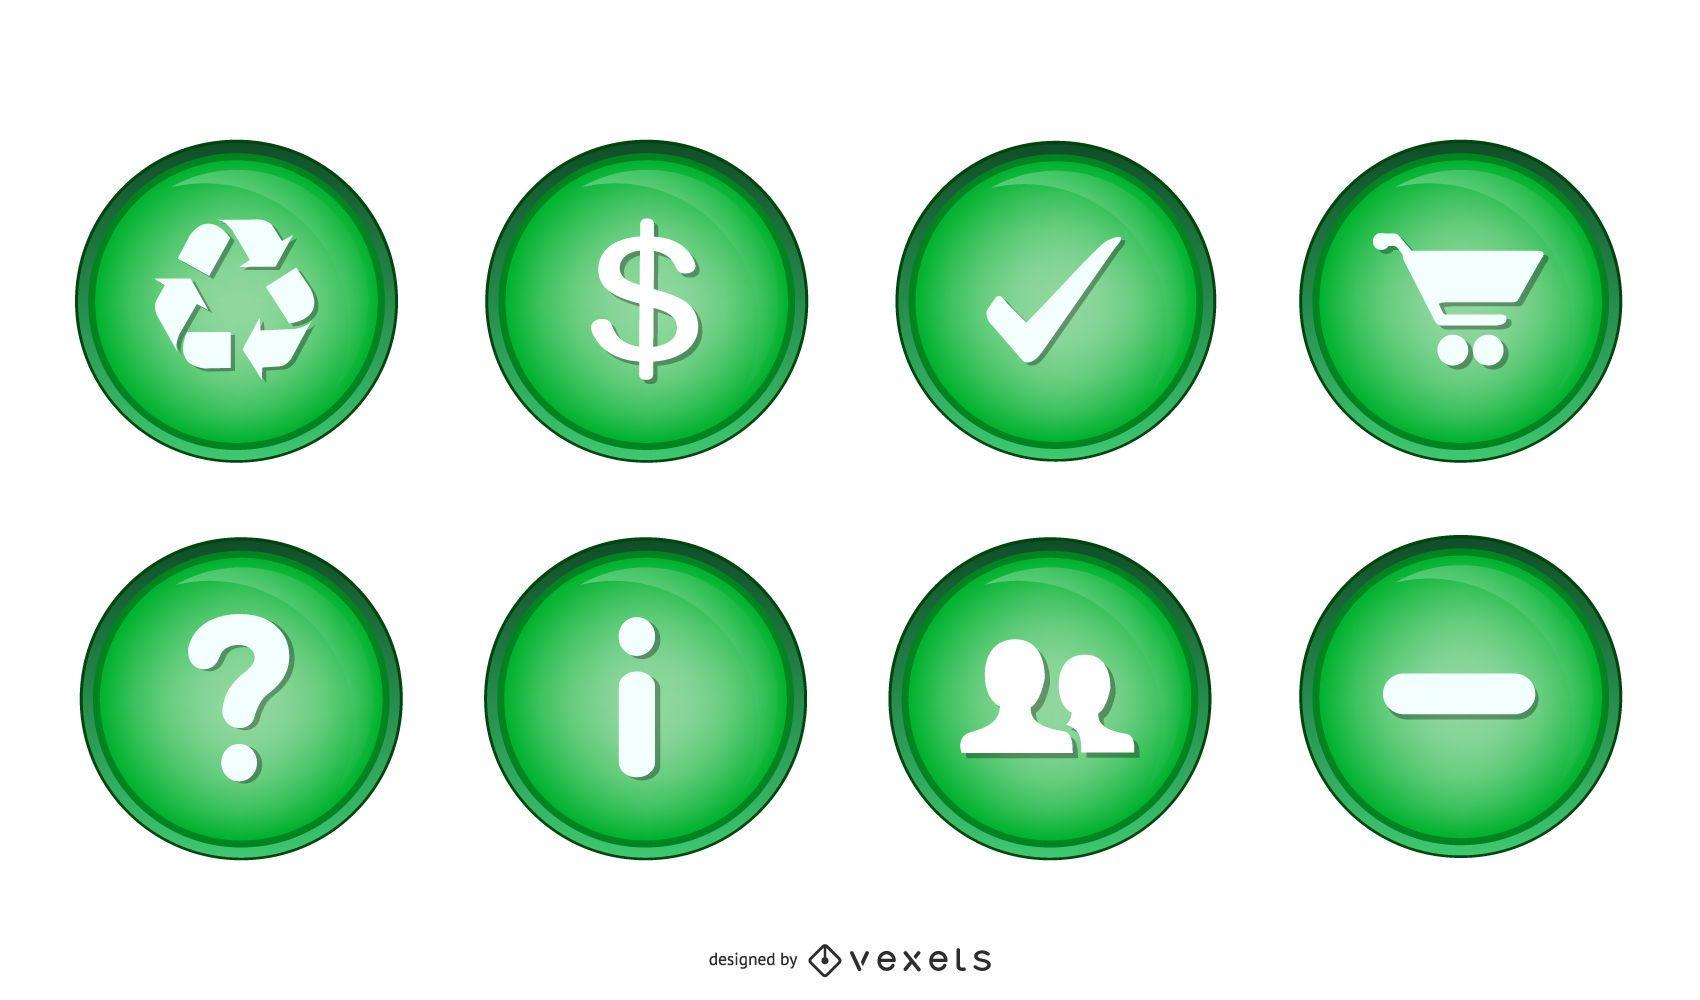 Varios iconos de orbe verde